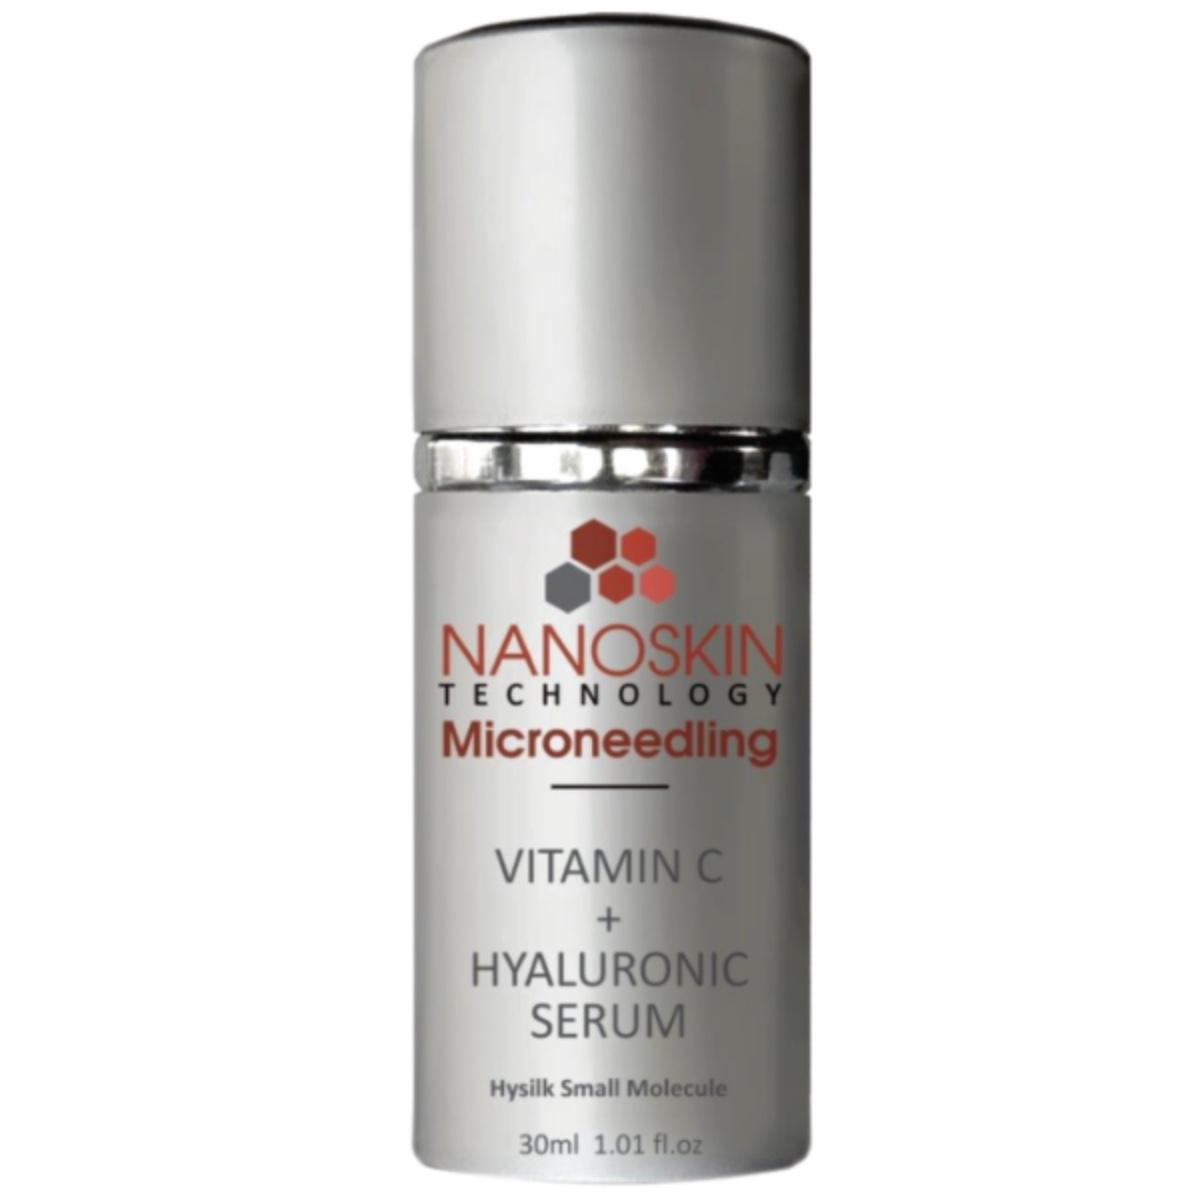 Nanoskin Microneedling Vitamin C & Hyaluronic Serum 30ml